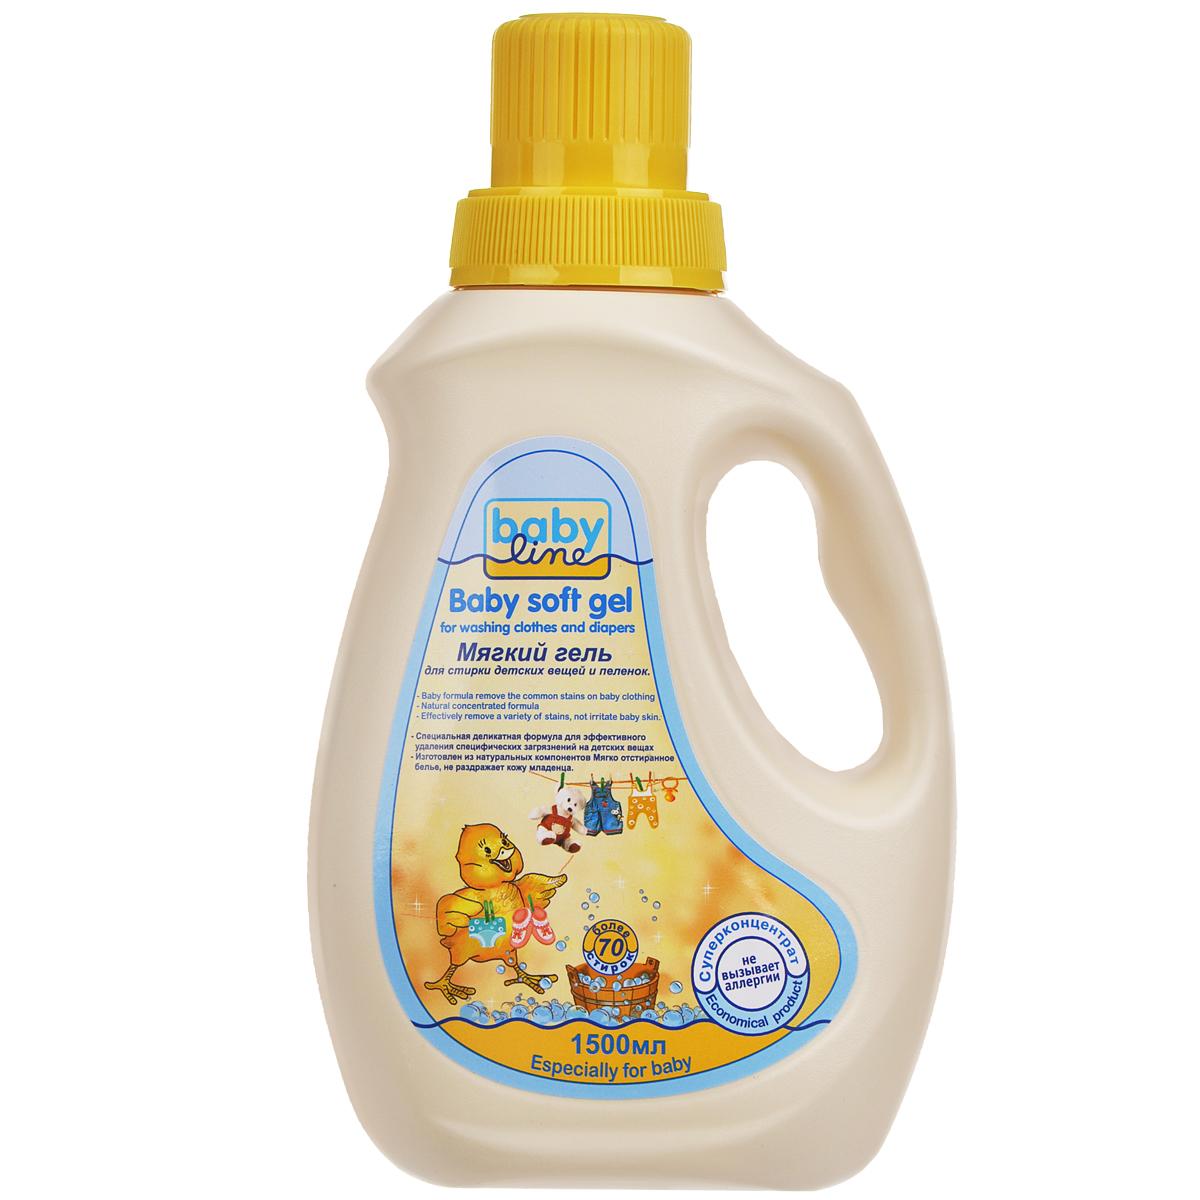 BabyLine Мягкий гель для стирки детских вещей и пеленок, 1,5 л182733448Мягкий гель BabyLine позволяет эффективно защищать одежду ребенка от разнообразных бактерий. Экстракт хлопка, содержащийся в продукте, проникает в ткань, смягчая и улучшая текстуру волокон, улучшает яркость и придает свежесть одежде после стирки.В гель также добавлен компонент для ухода за кожей, так что ваши руки будут надежно защищены во время стирки. После использования геля Babyline не нужно использовать кондиционеры-ополаскиватели. Характеристики:Объем: 1,5 л. Артикул: 182733448. Изготовитель: Германия. Товар сертифицирован.